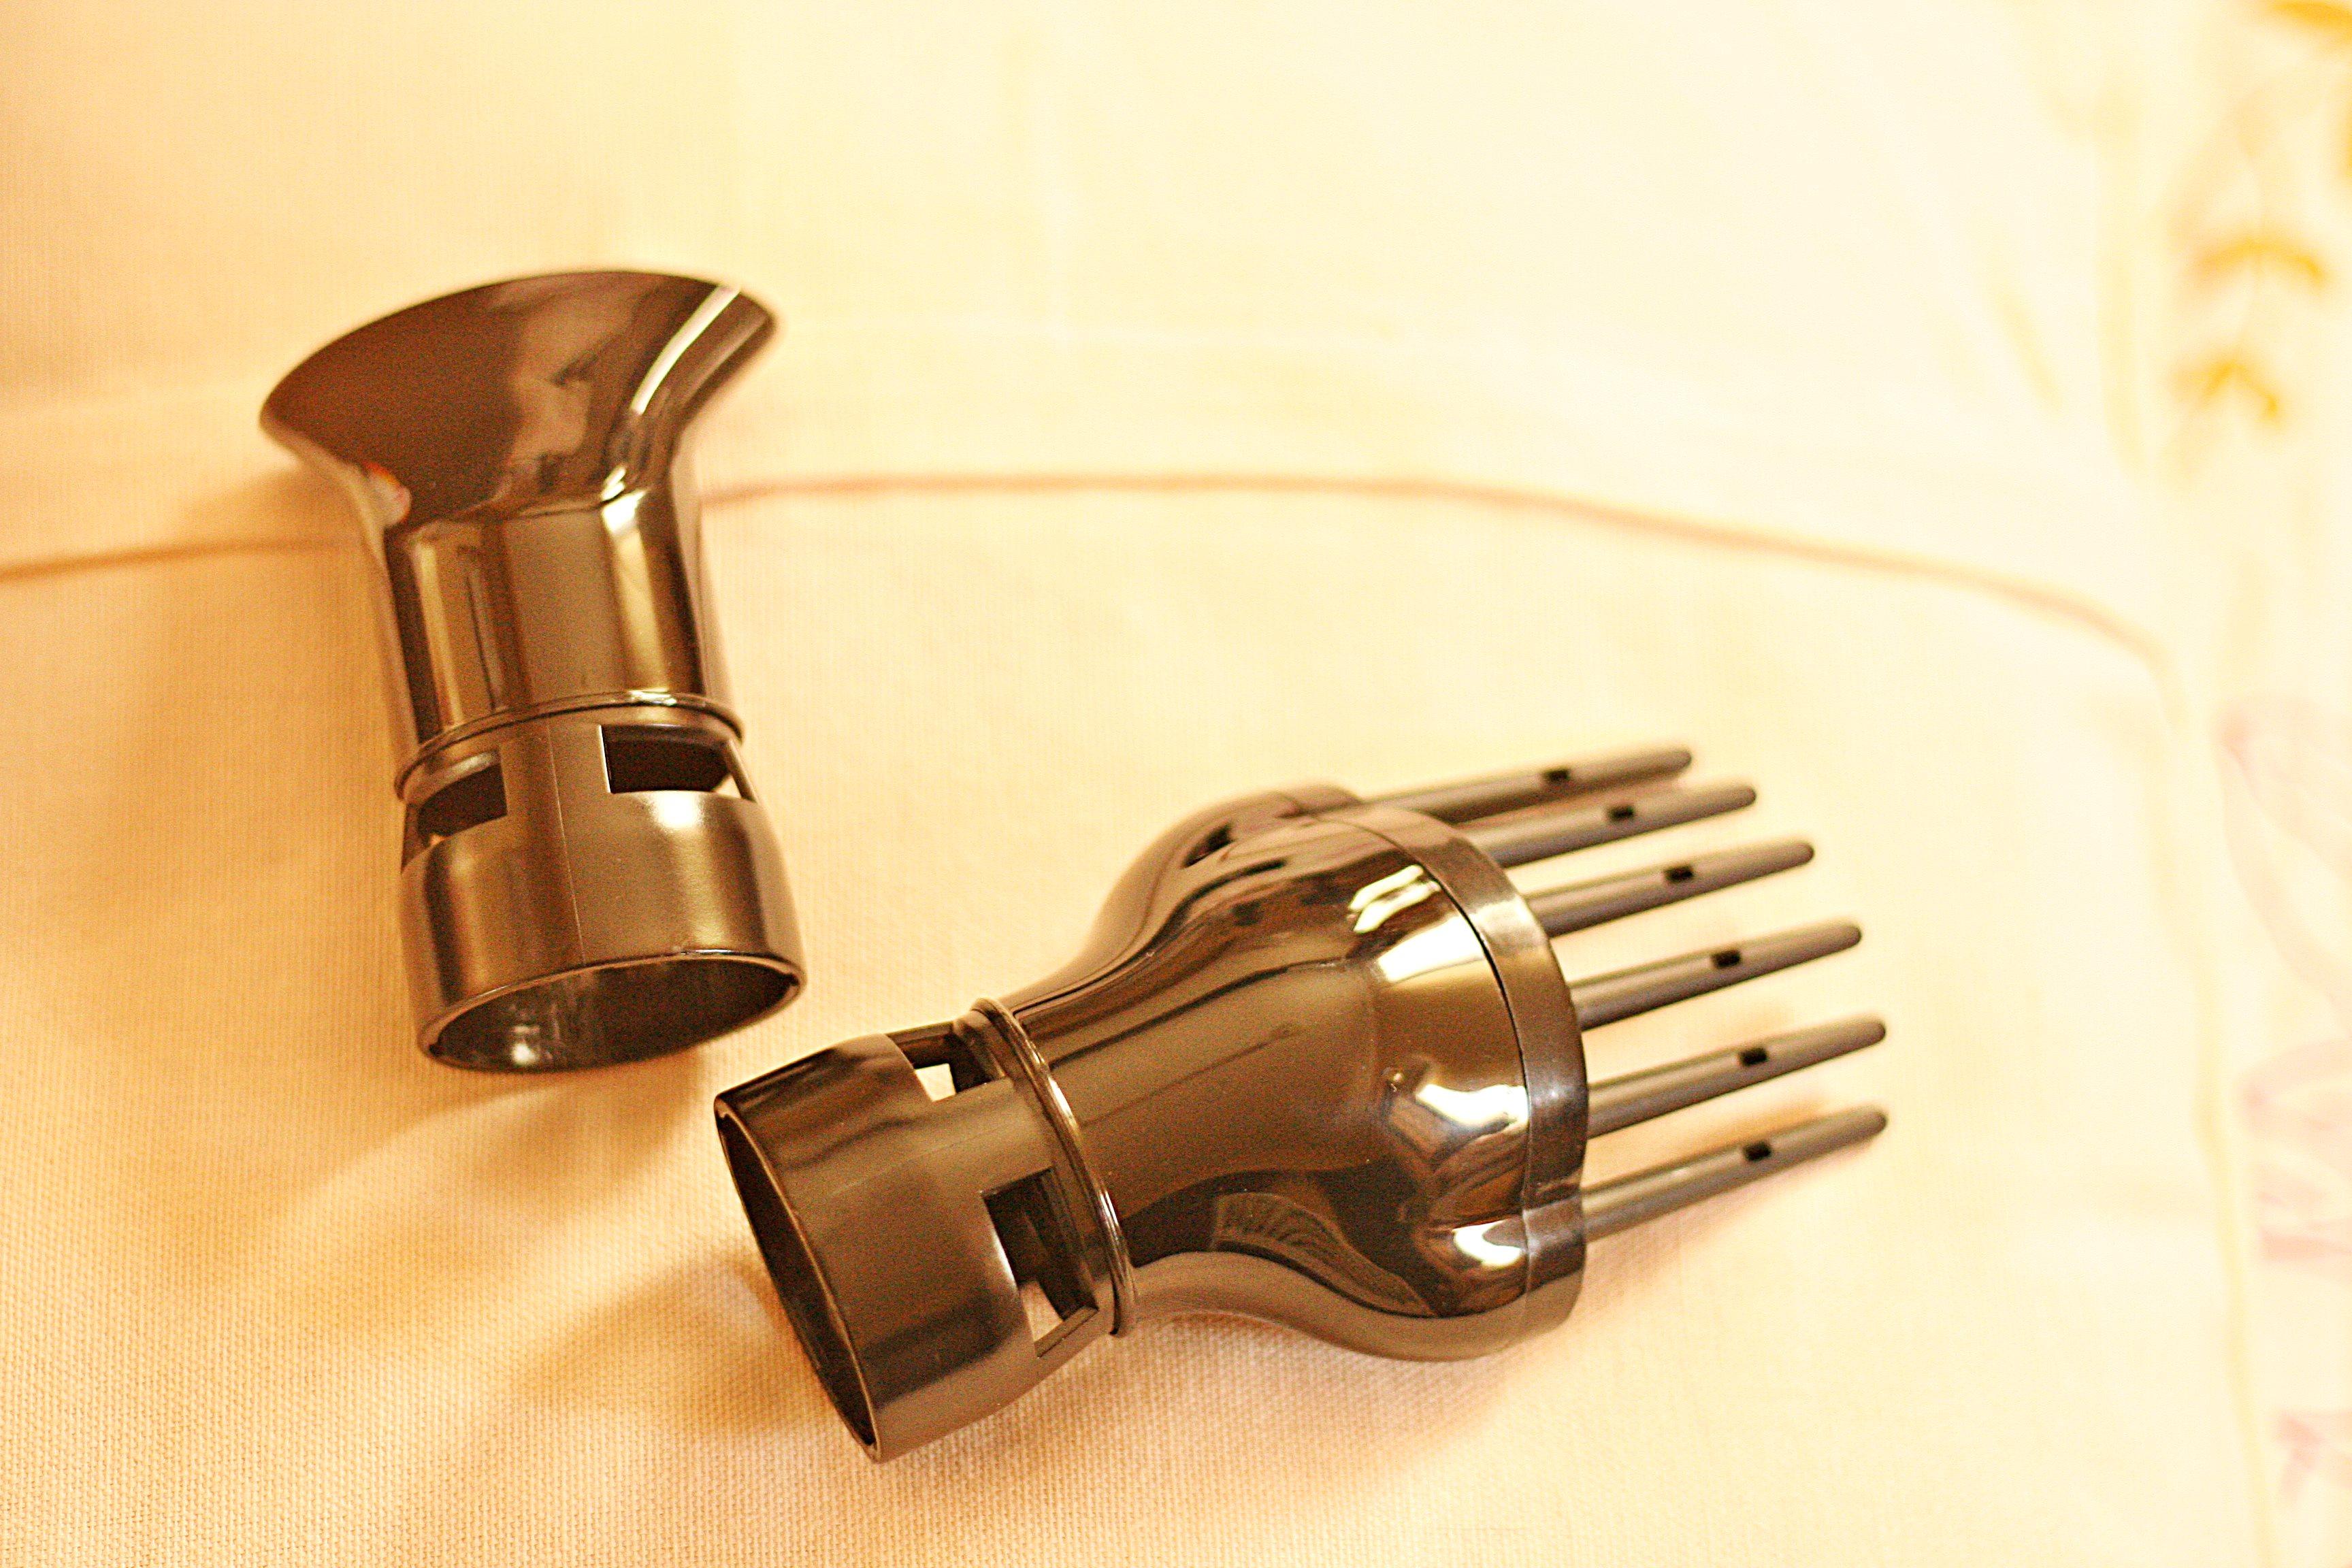 test brosse soufflante dessange remington